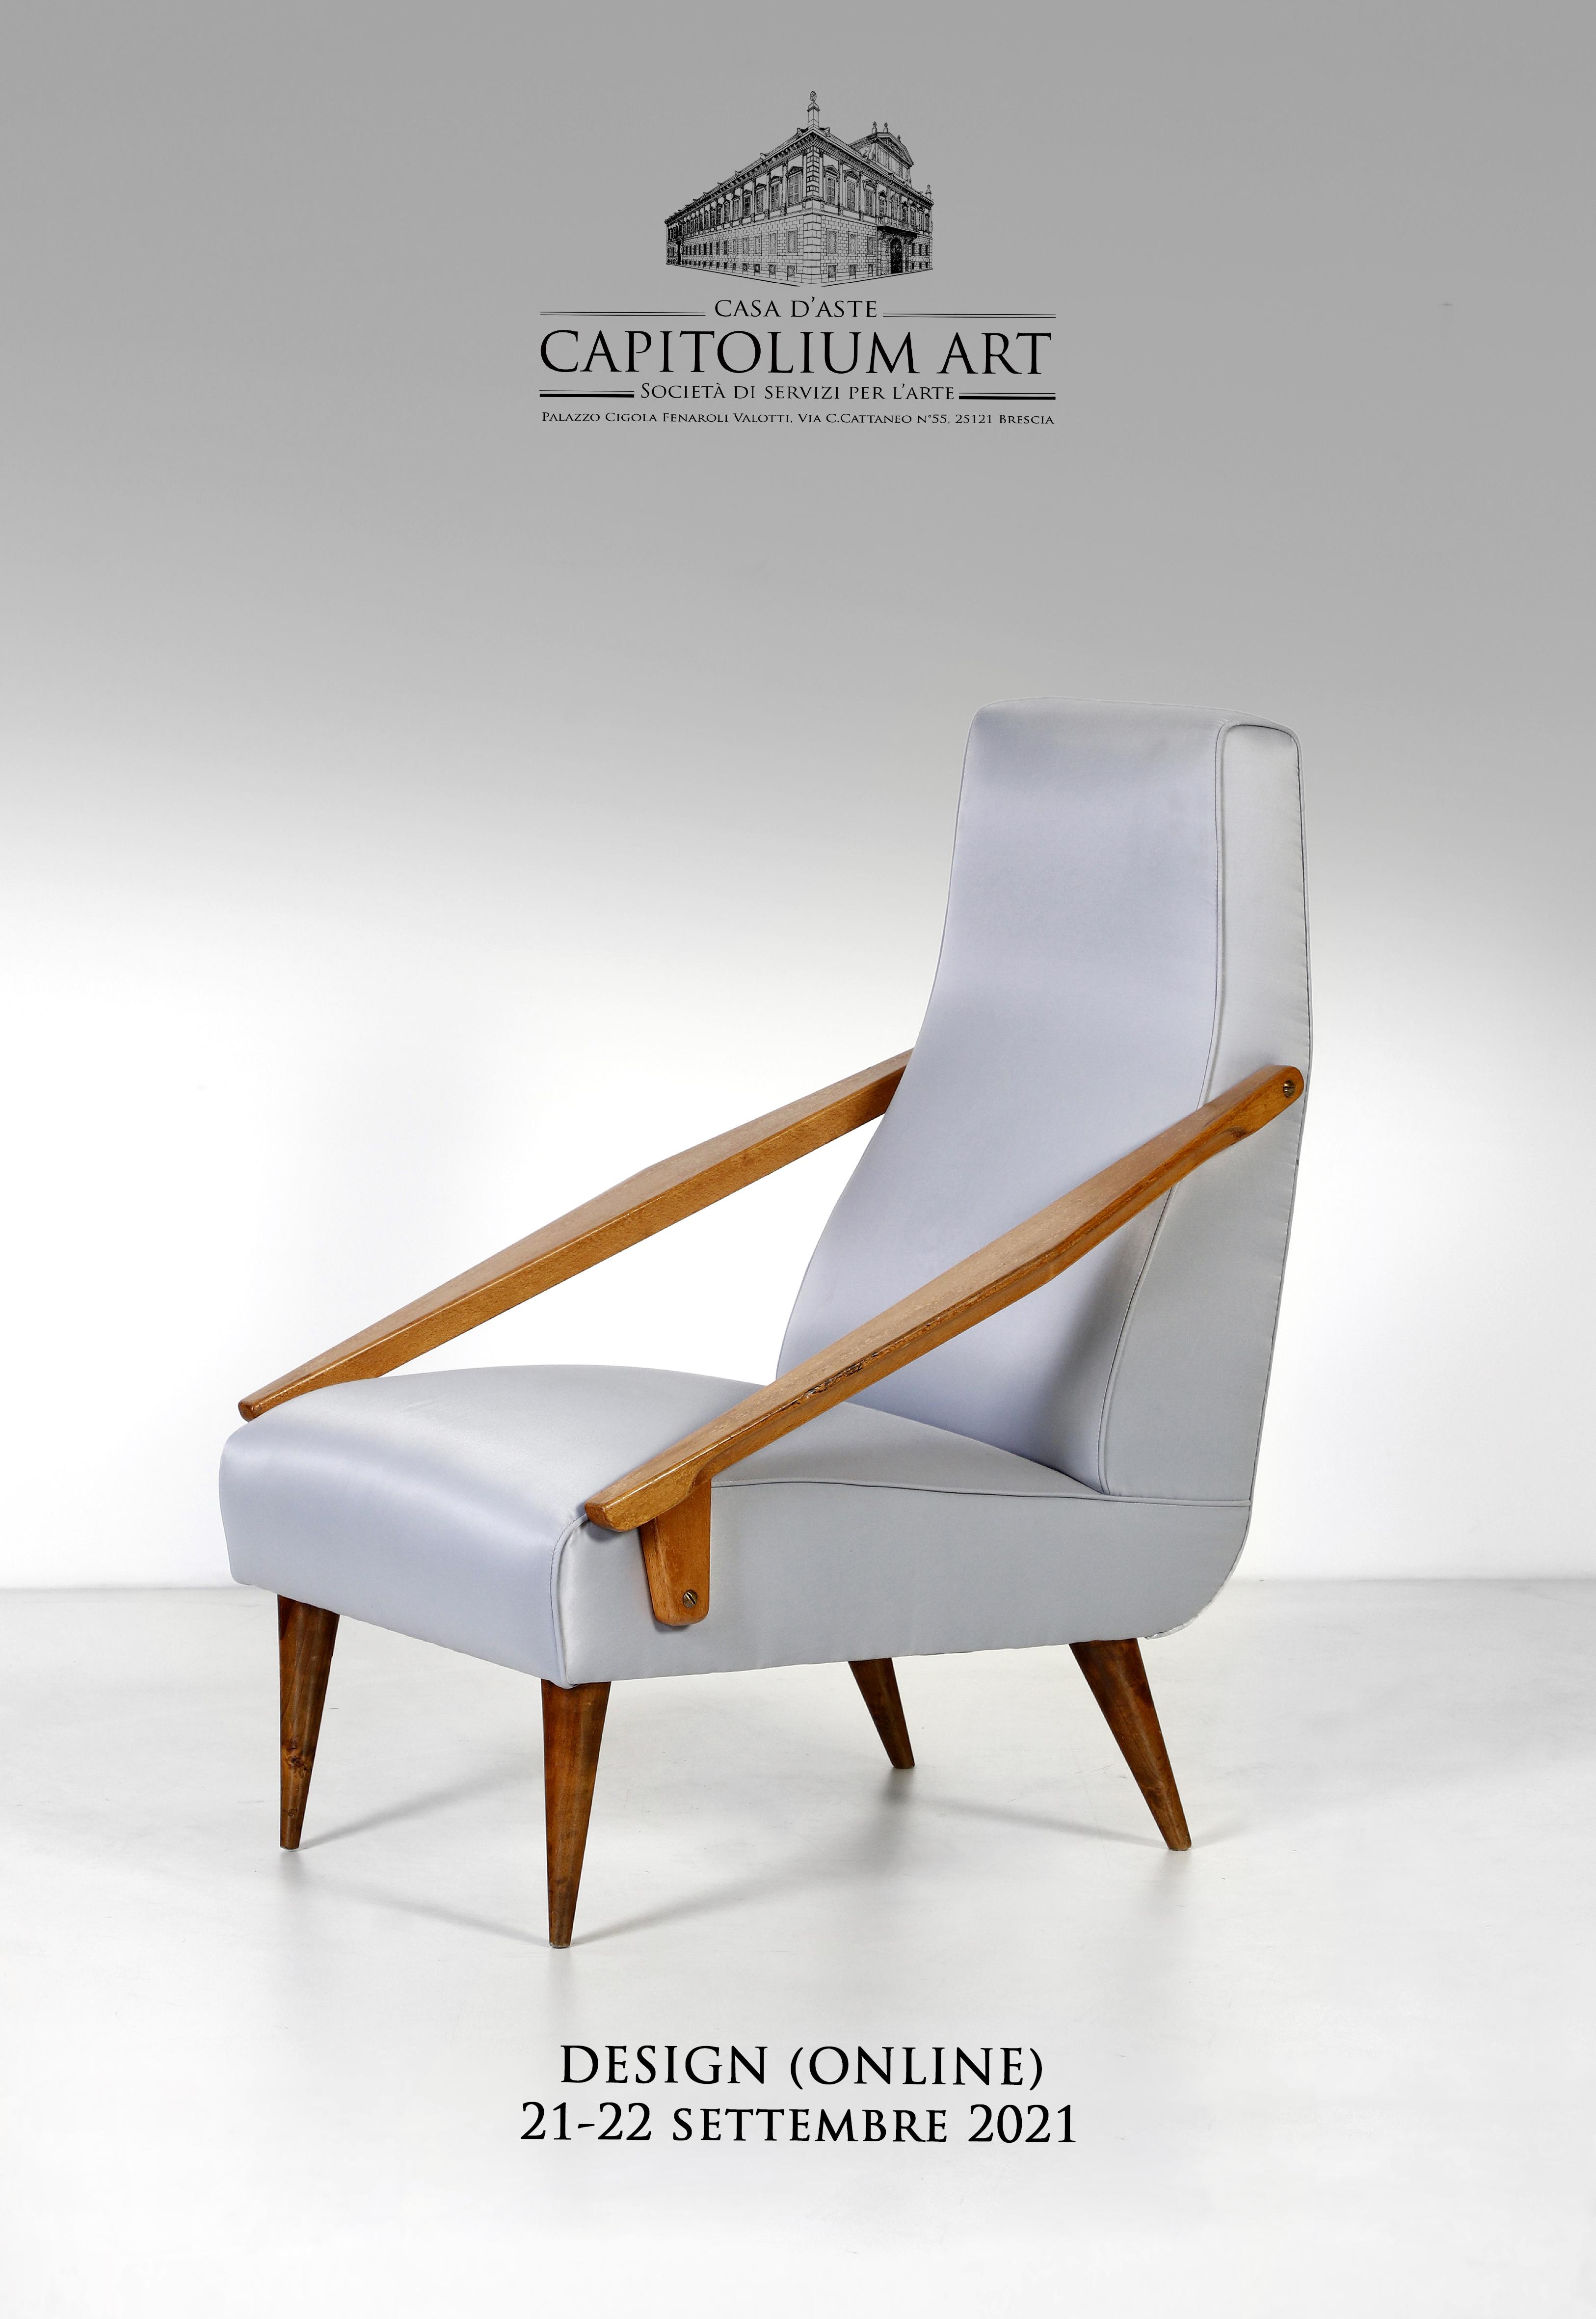 Vente Vente 338 - Design (Online) chez Capitolium Art : 208 lots